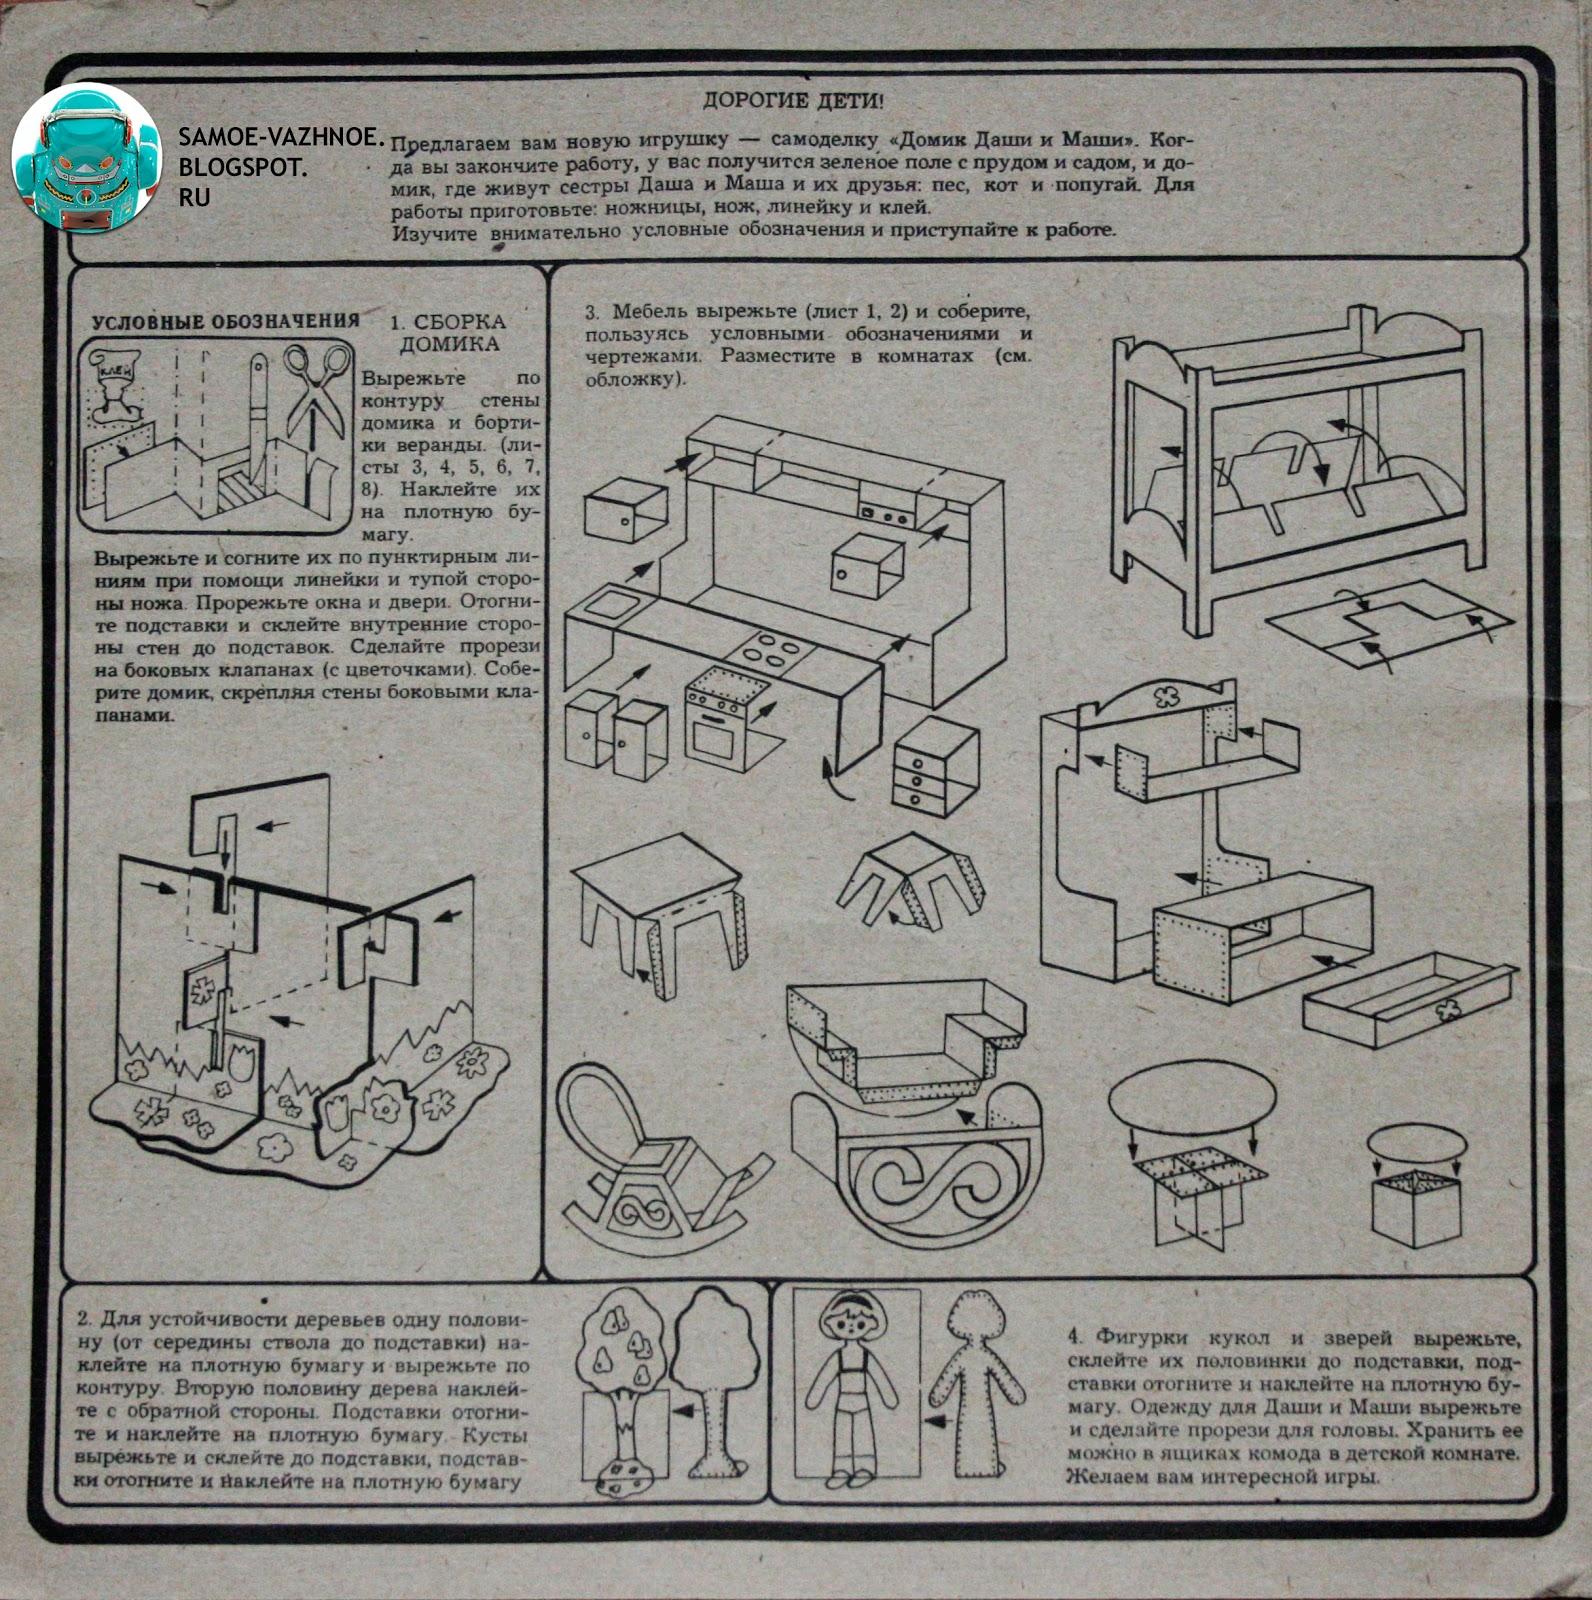 Кукольная мебель из картона СССР советская из детства старая. Старая советская кукольная комната игра СССР